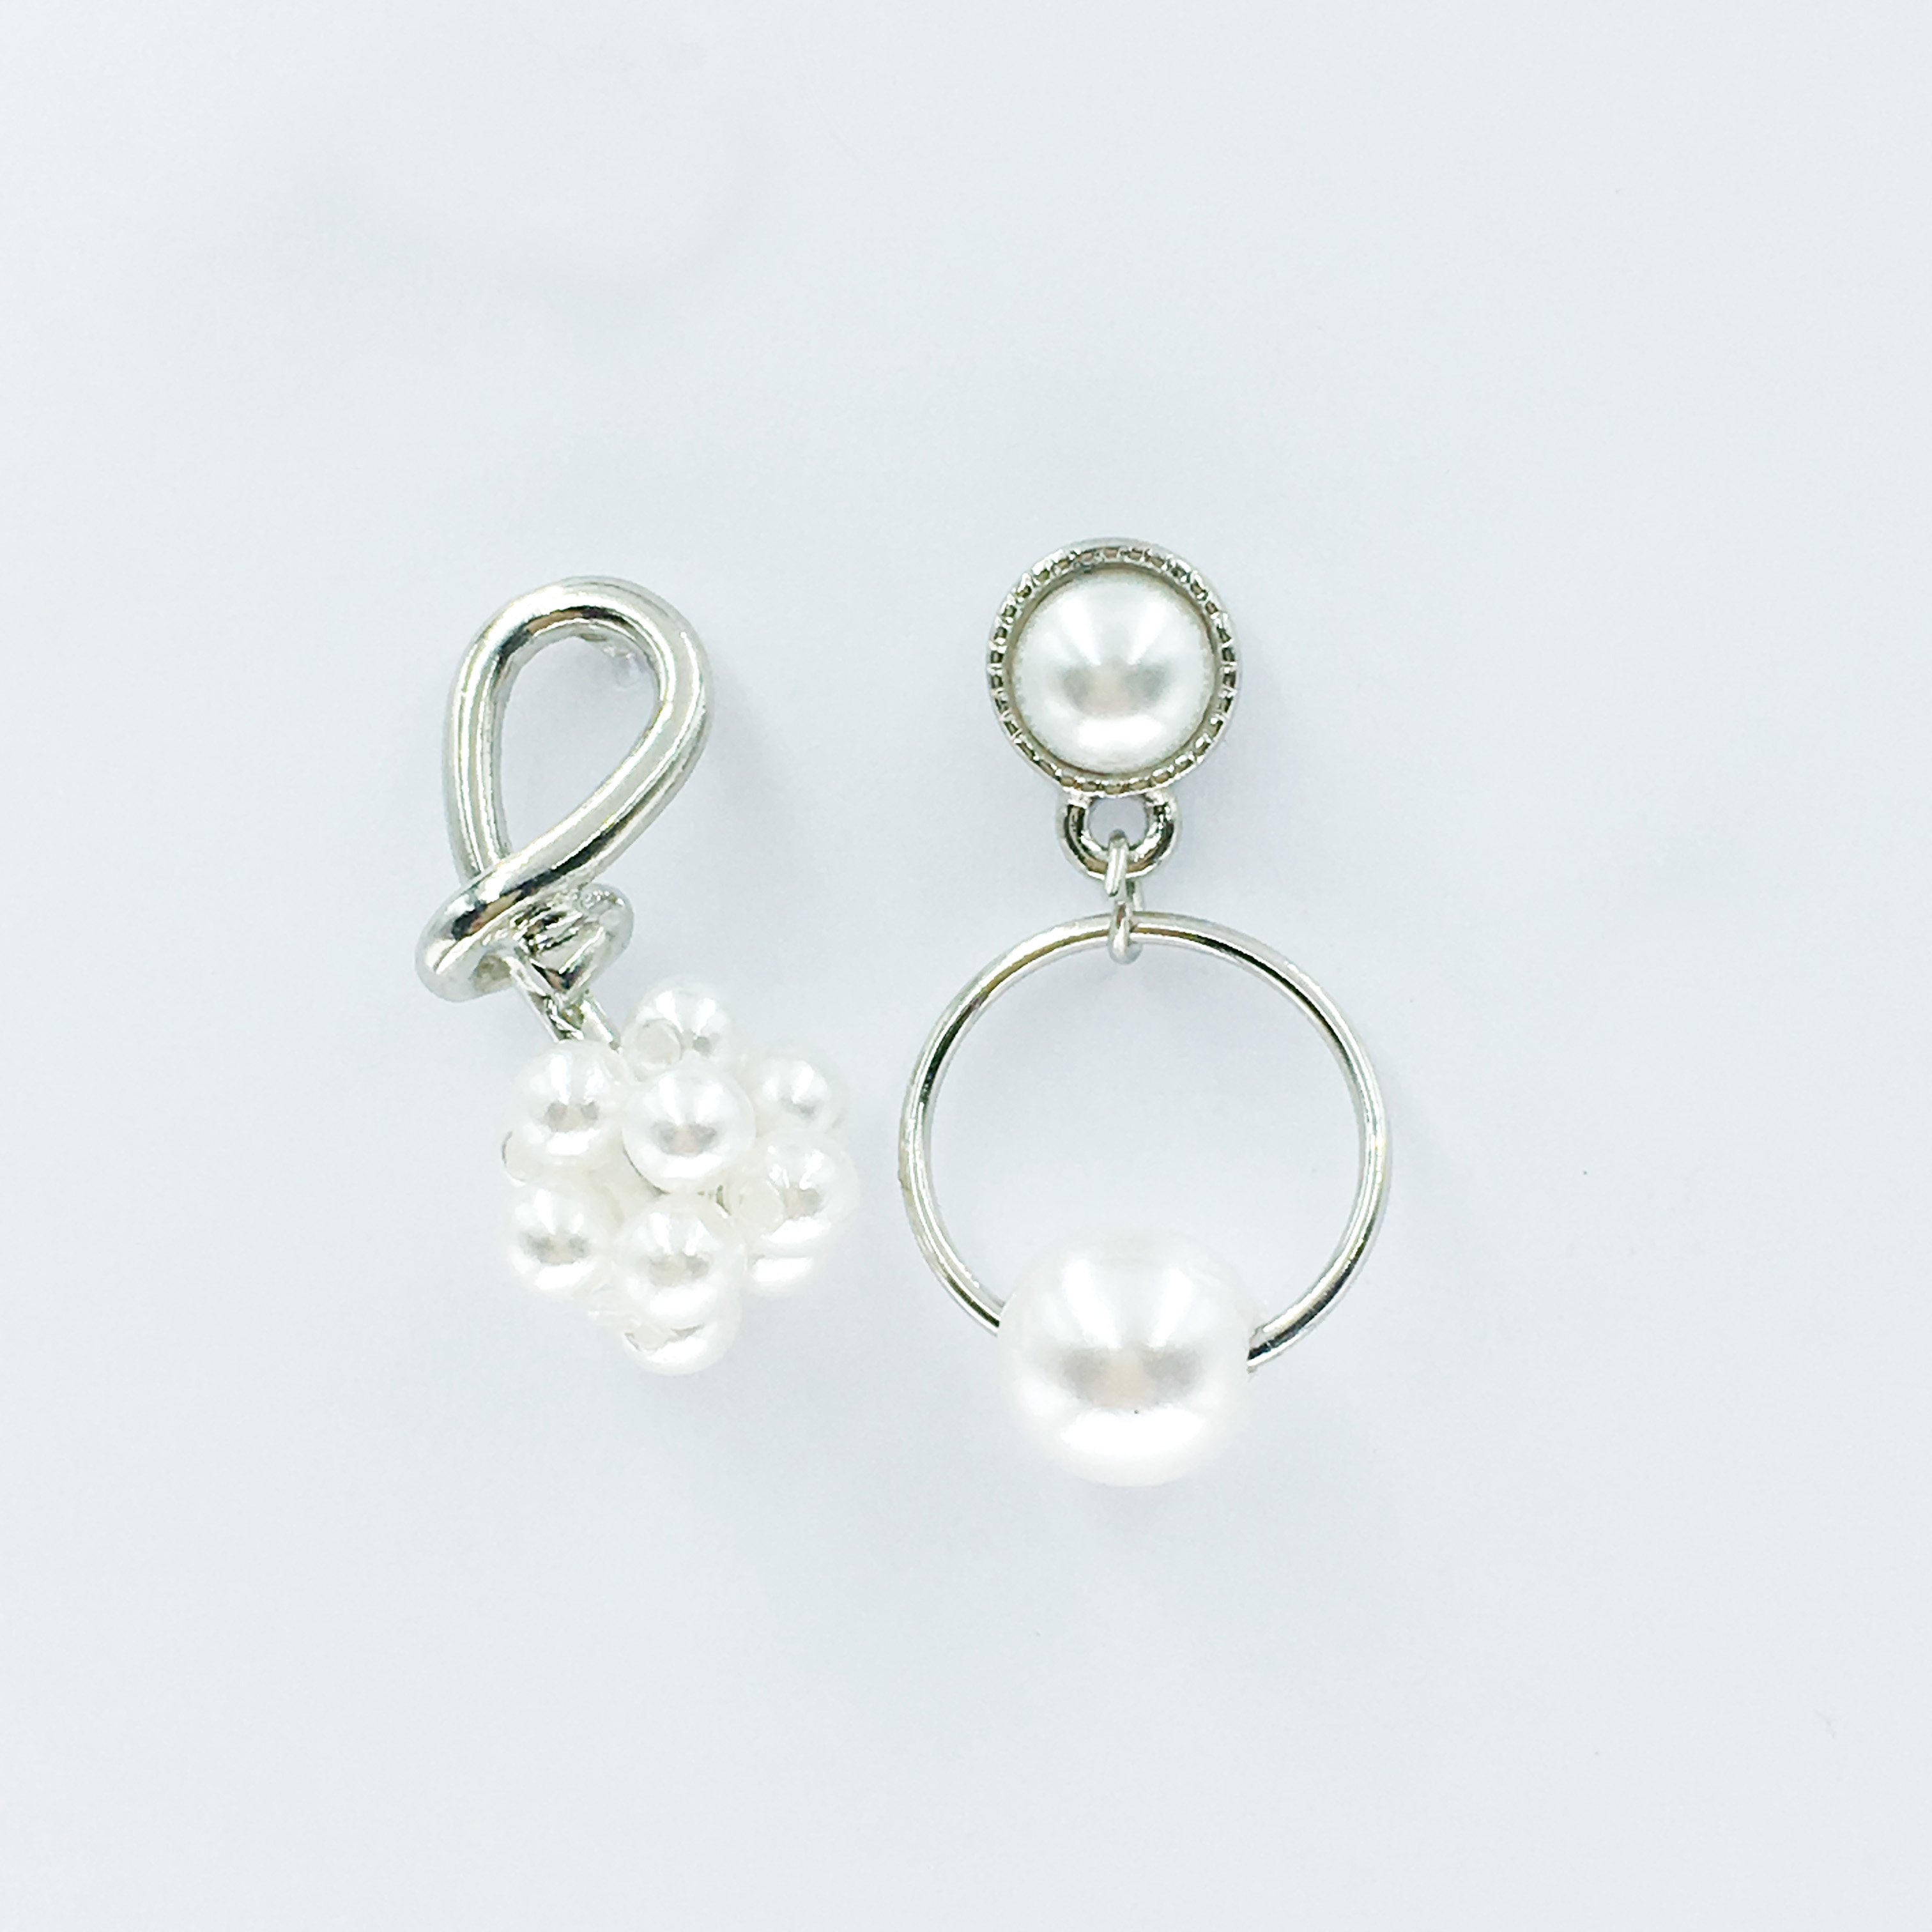 韓國 珍珠 圓弧 不對稱 立體 垂墜感 耳針式耳環